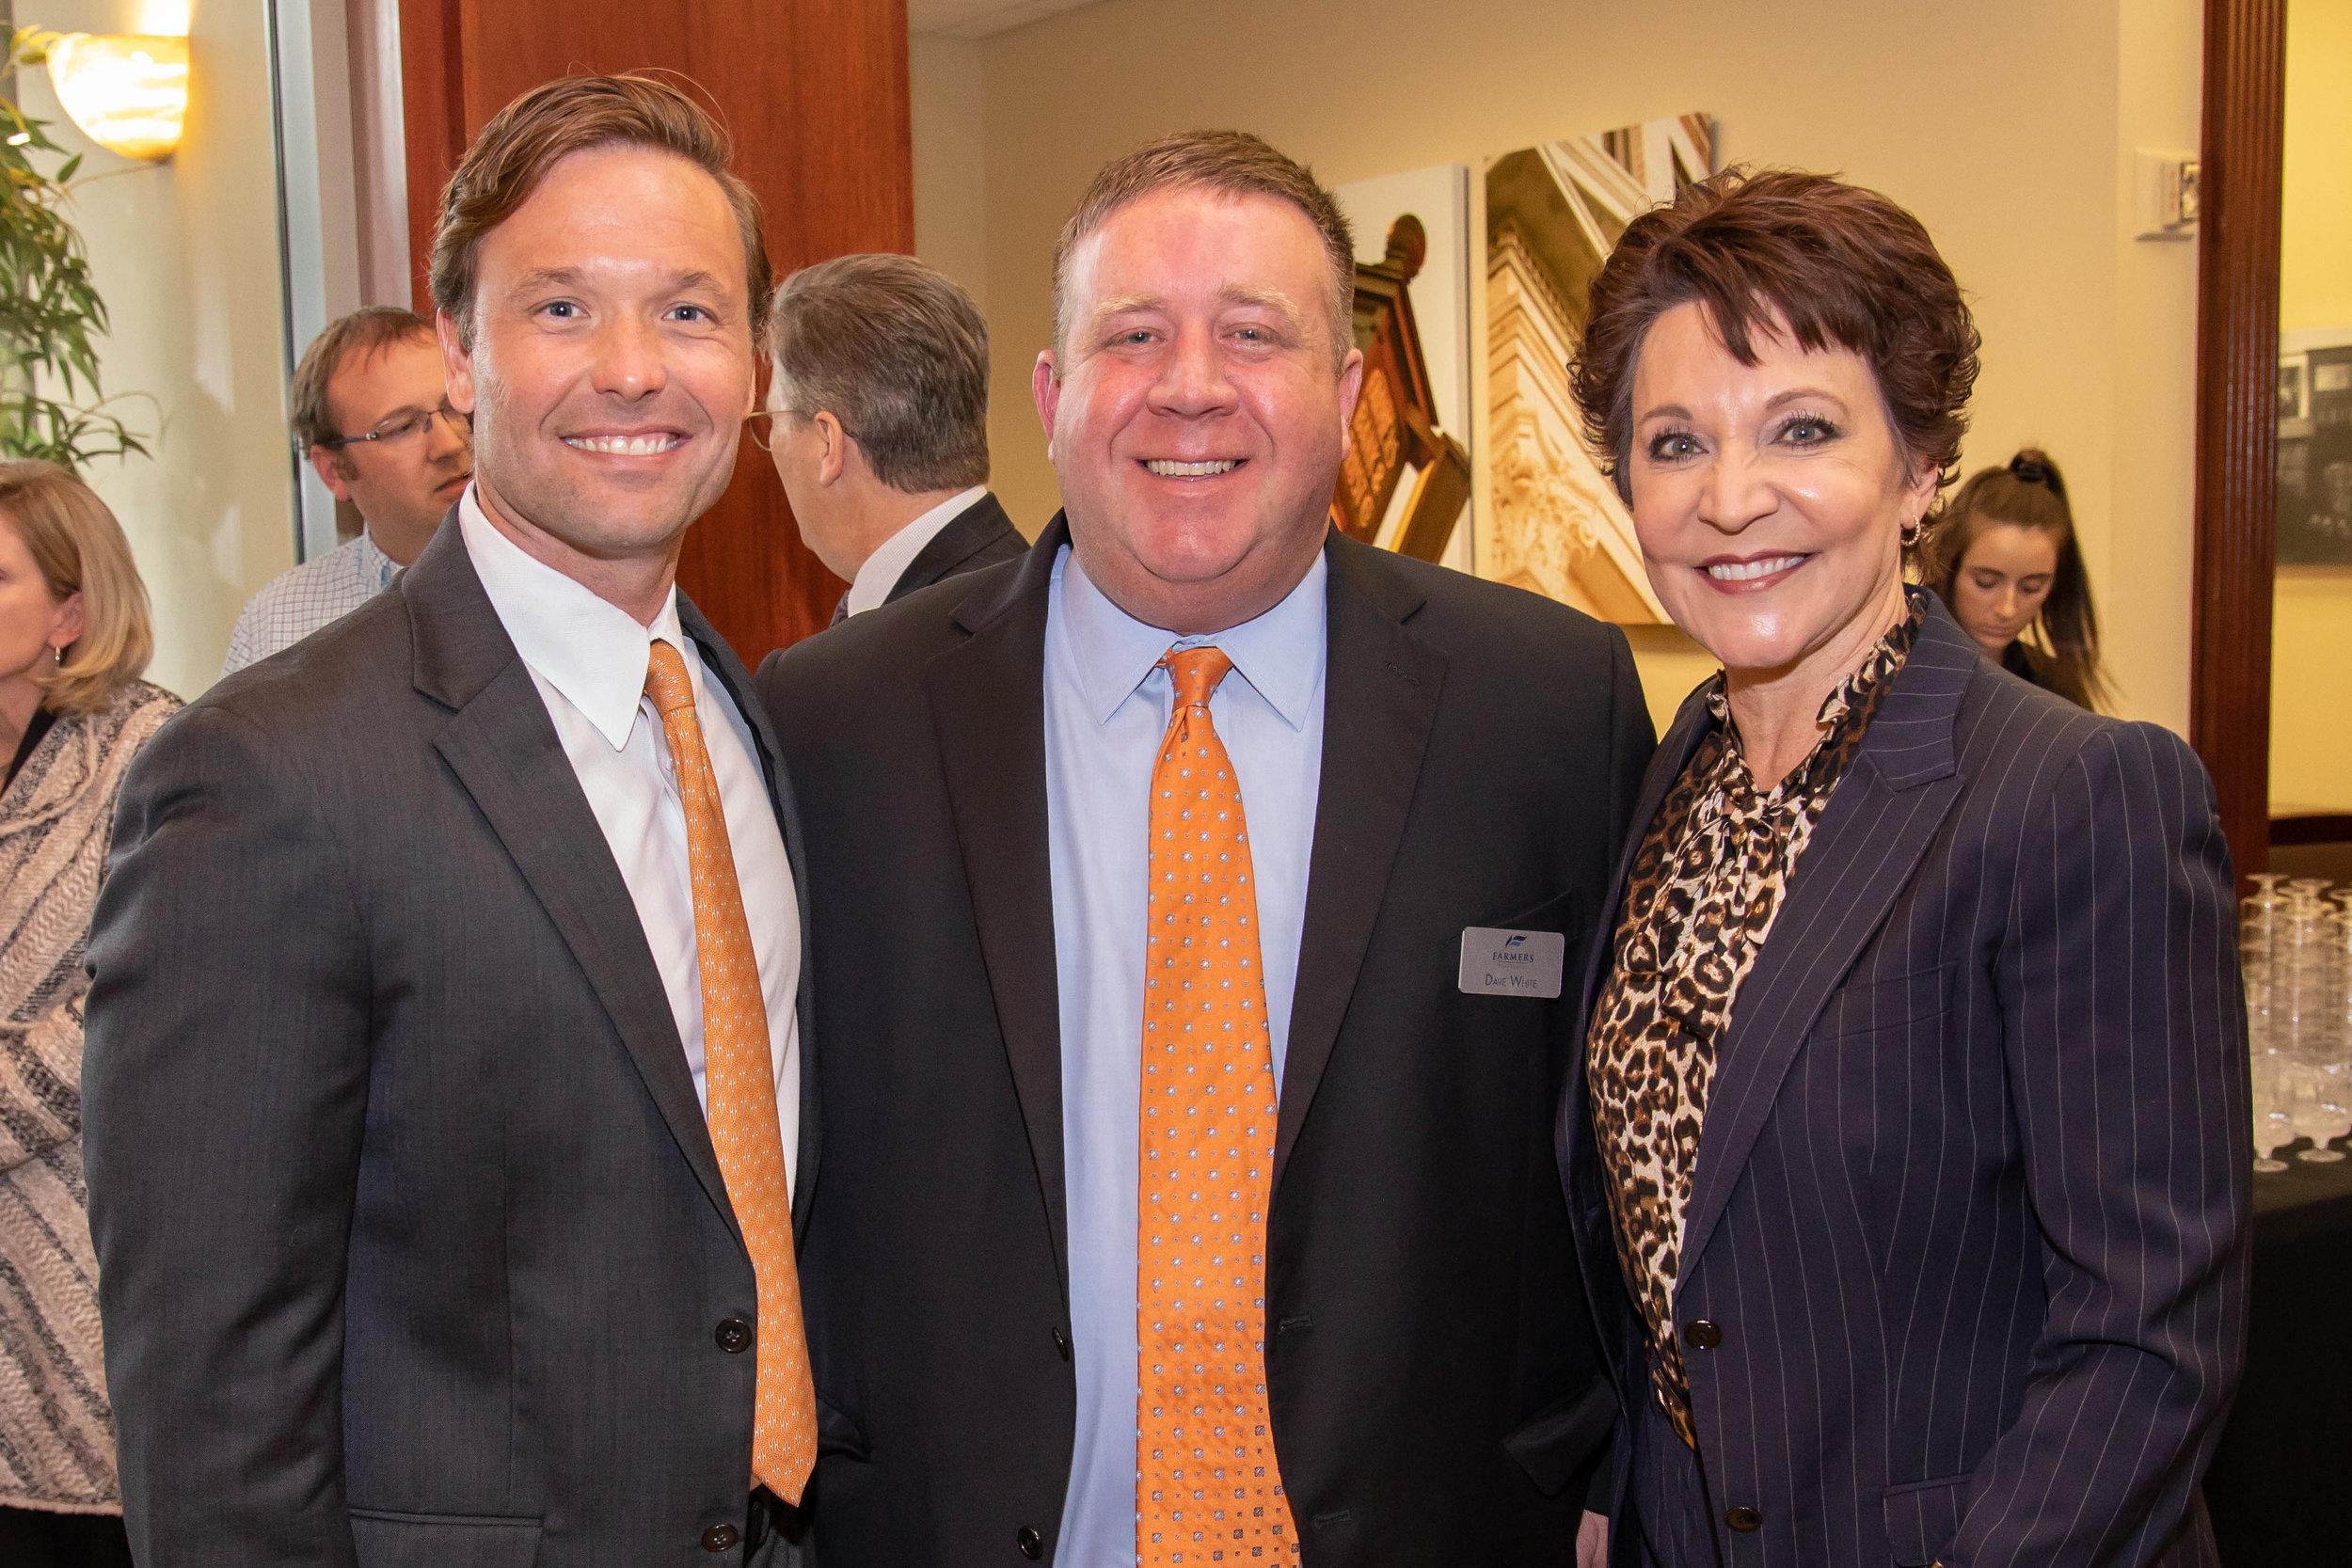 Josh Andrus, Dave White and Sonja Hubbard